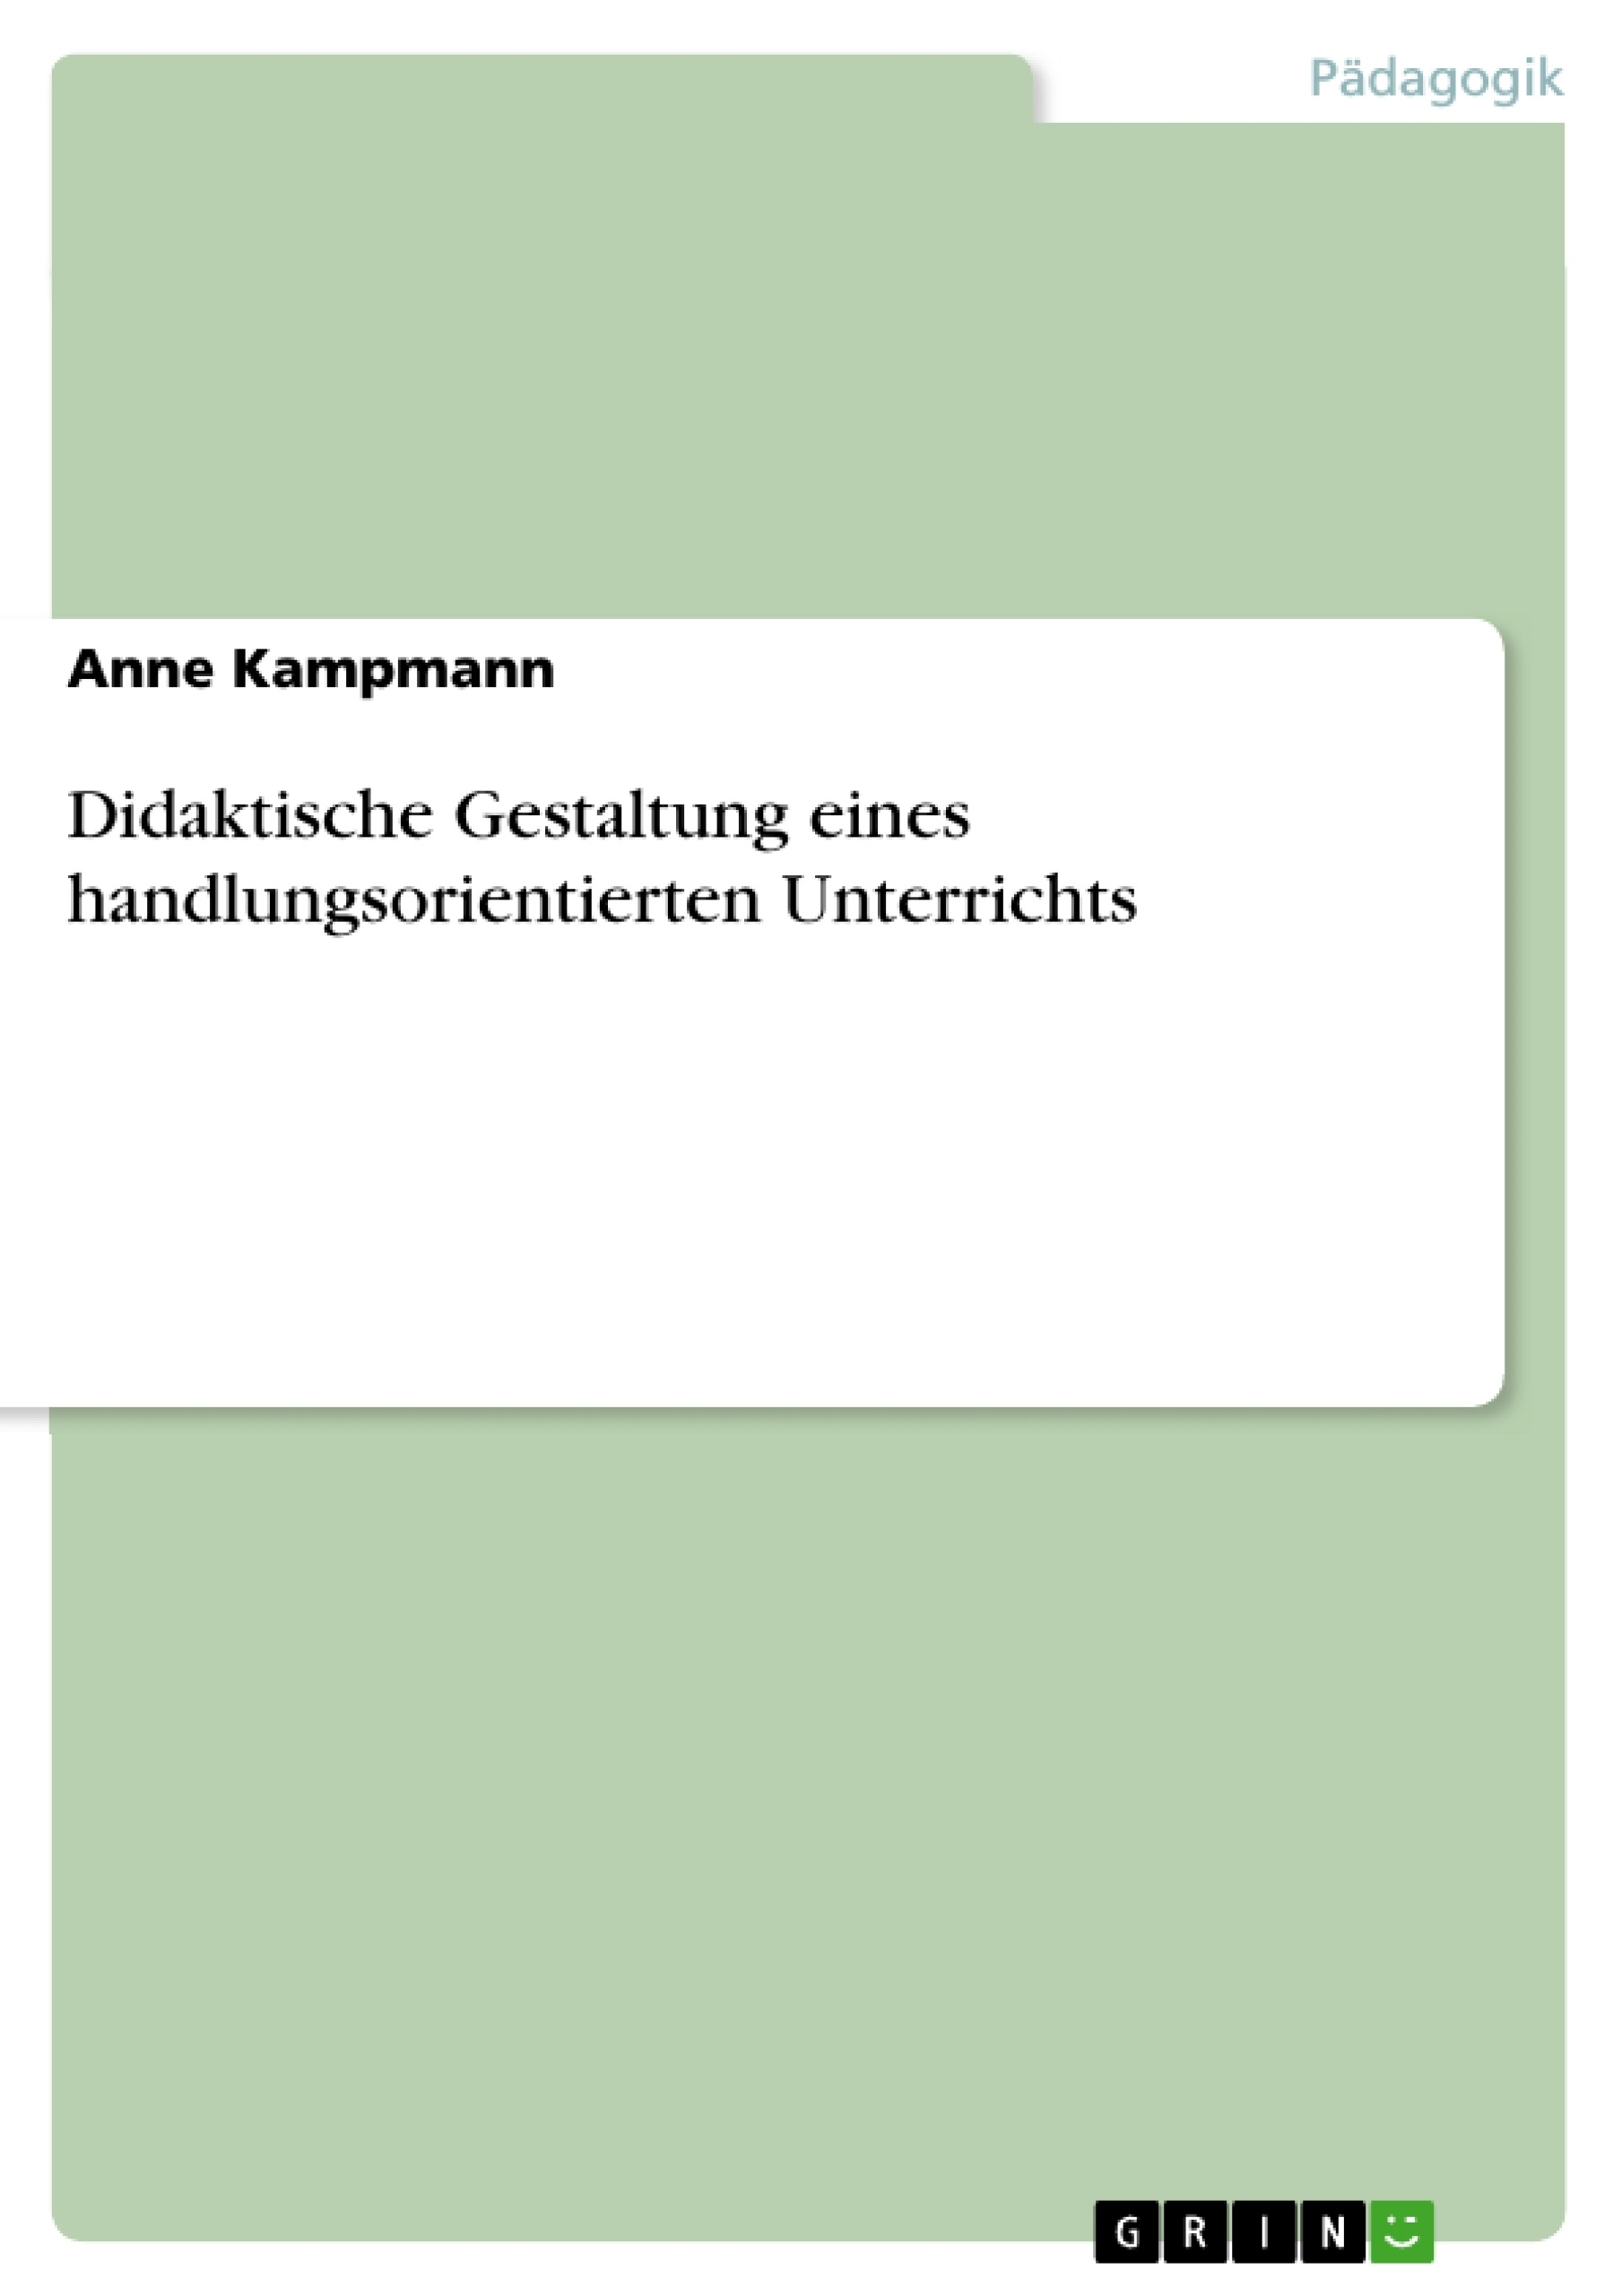 Titel: Didaktische Gestaltung eines handlungsorientierten Unterrichts